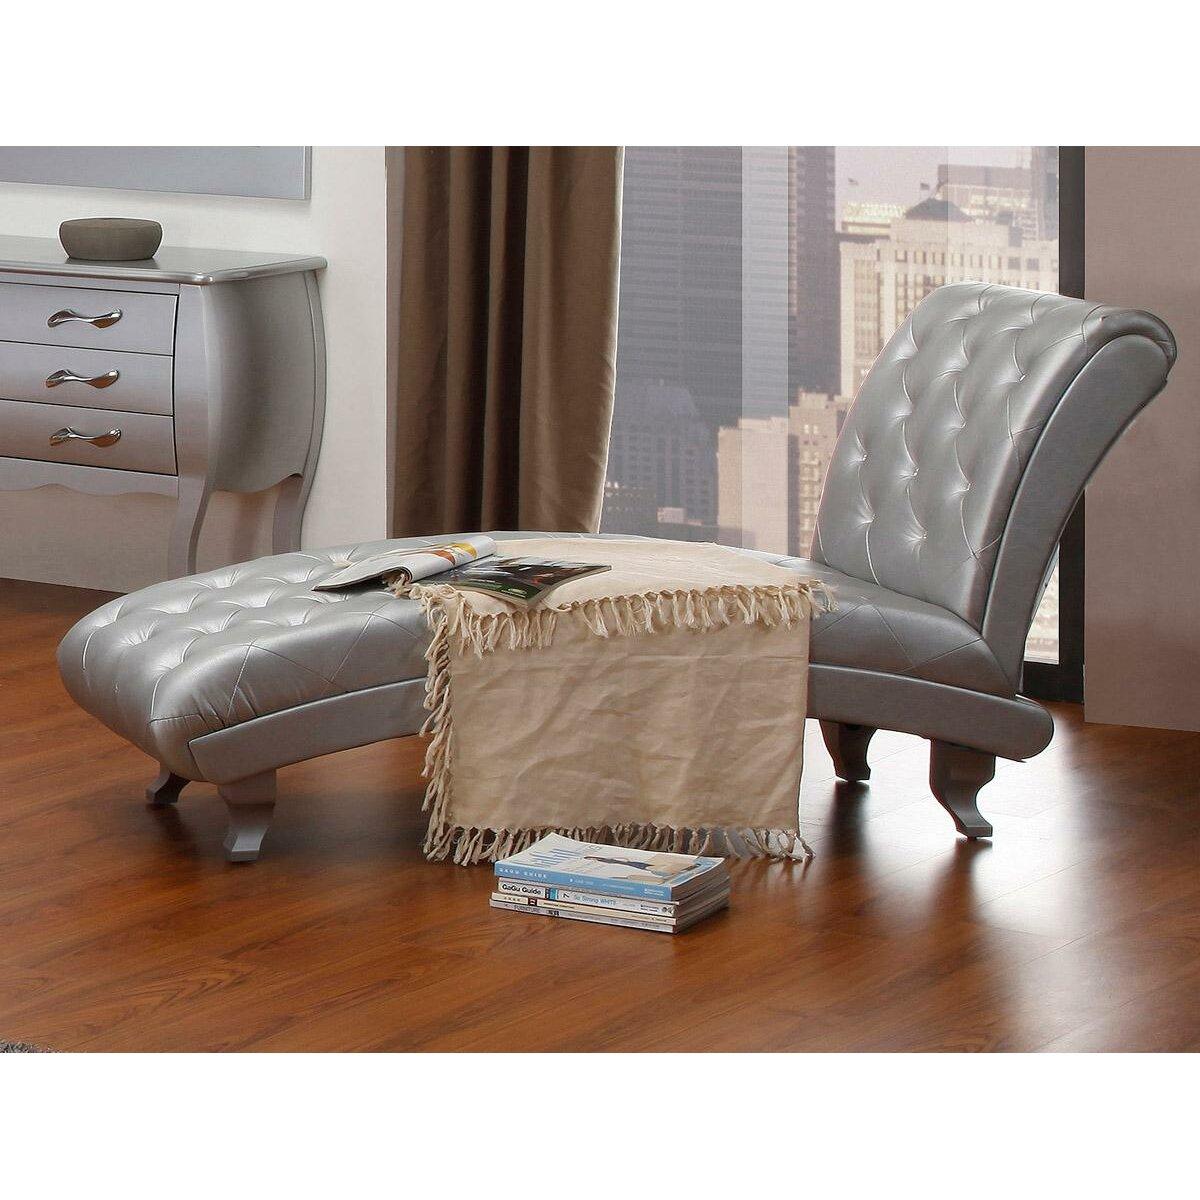 Divani casa monte carlo chaise lounge for Prezzi case montecarlo